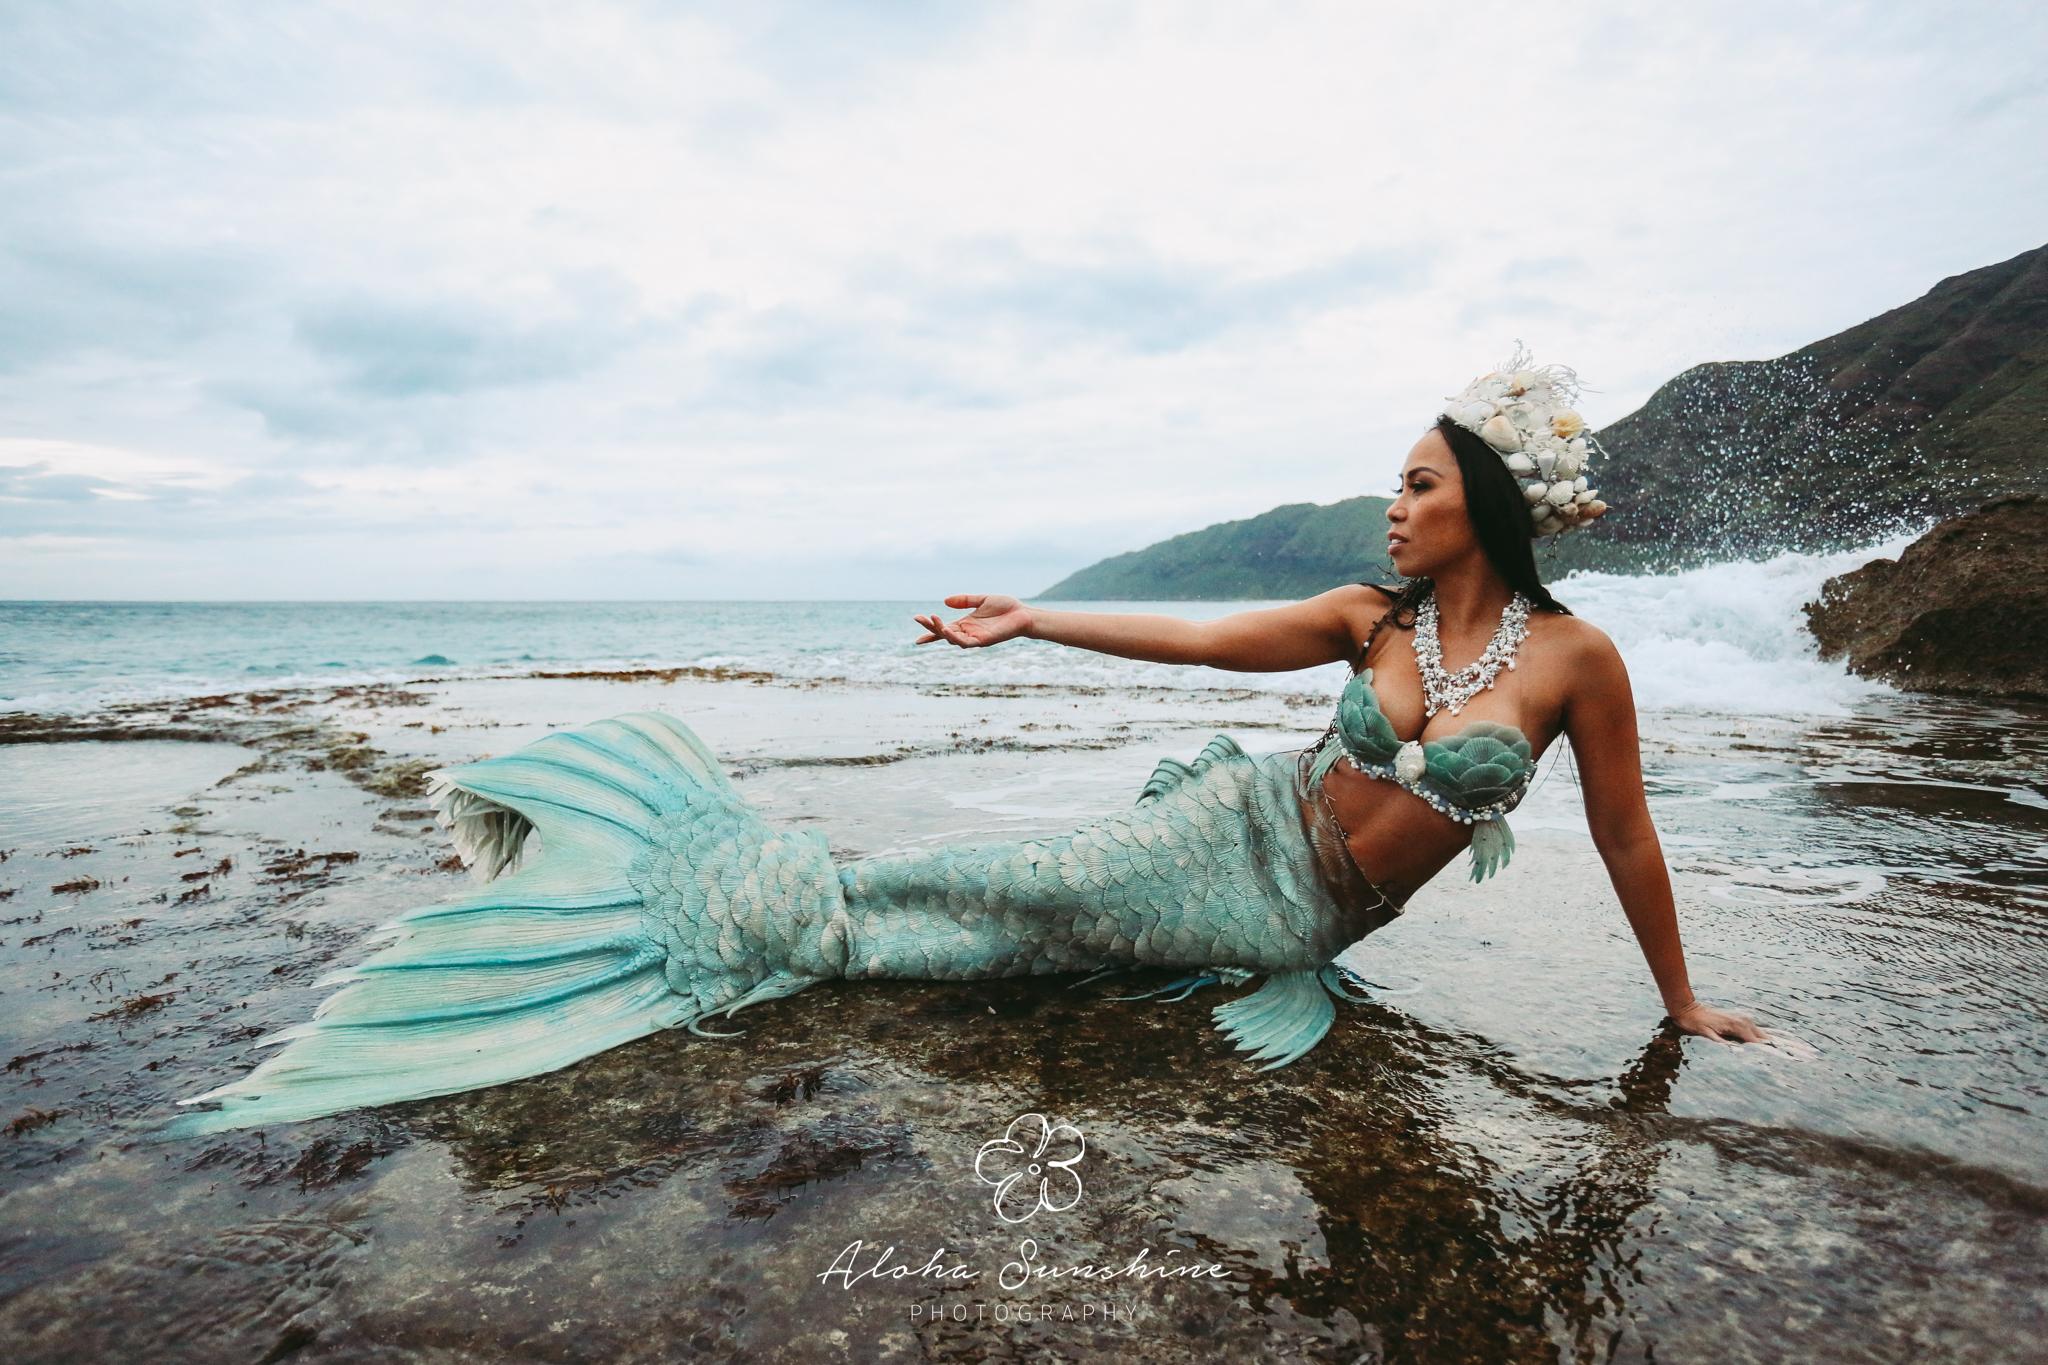 aloha sunshine photography, hawaii photographer, hawaii, mermaid, hawaii mermaid, oahu, vacation photographer, hawaii vacation, mermaid photo, mermaid pictures, 18March 12, 2018.jpg